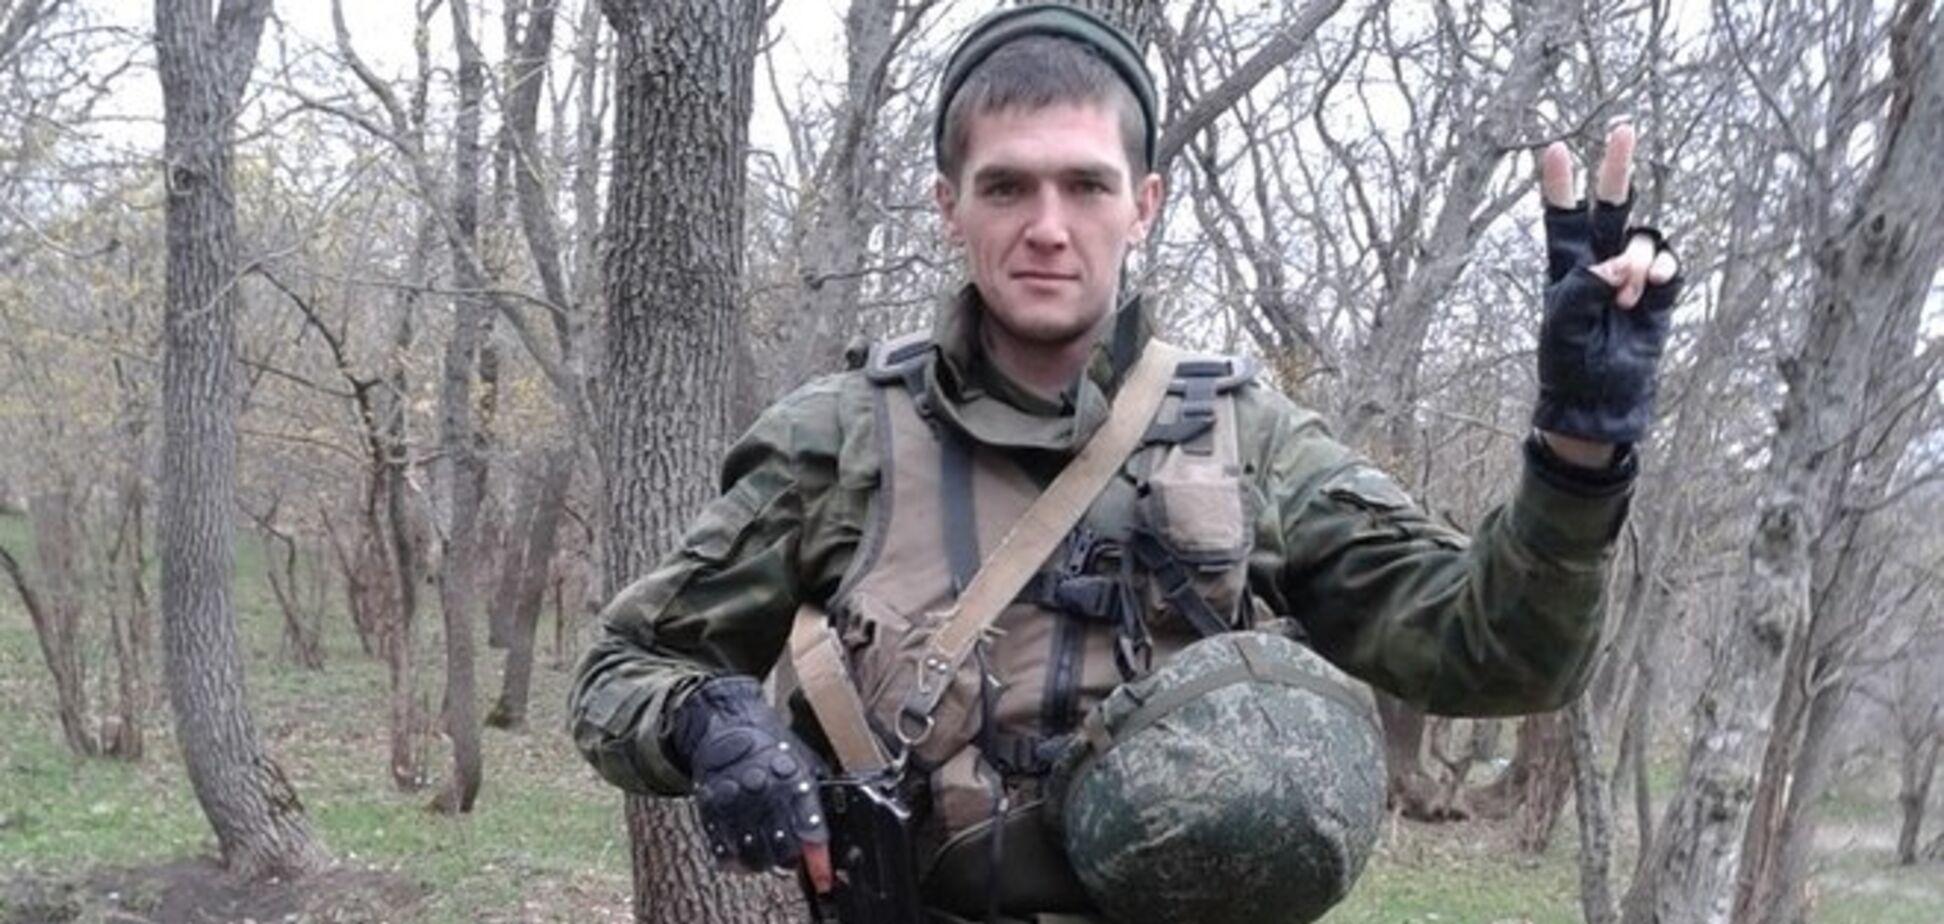 Вдова погибшего в Украине военного РФ испортила интервью НТВ о 'лжи украинских СМИ'